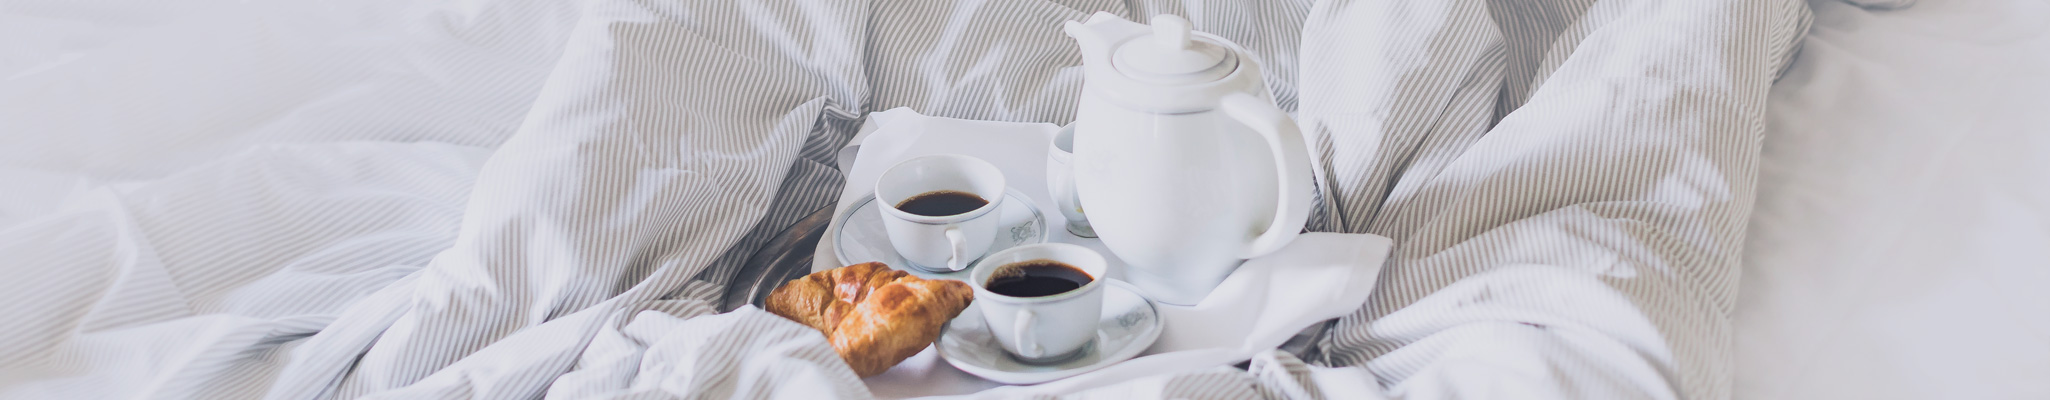 Frukost på sängen i ett av Smögens Hafvsbad hotellrum